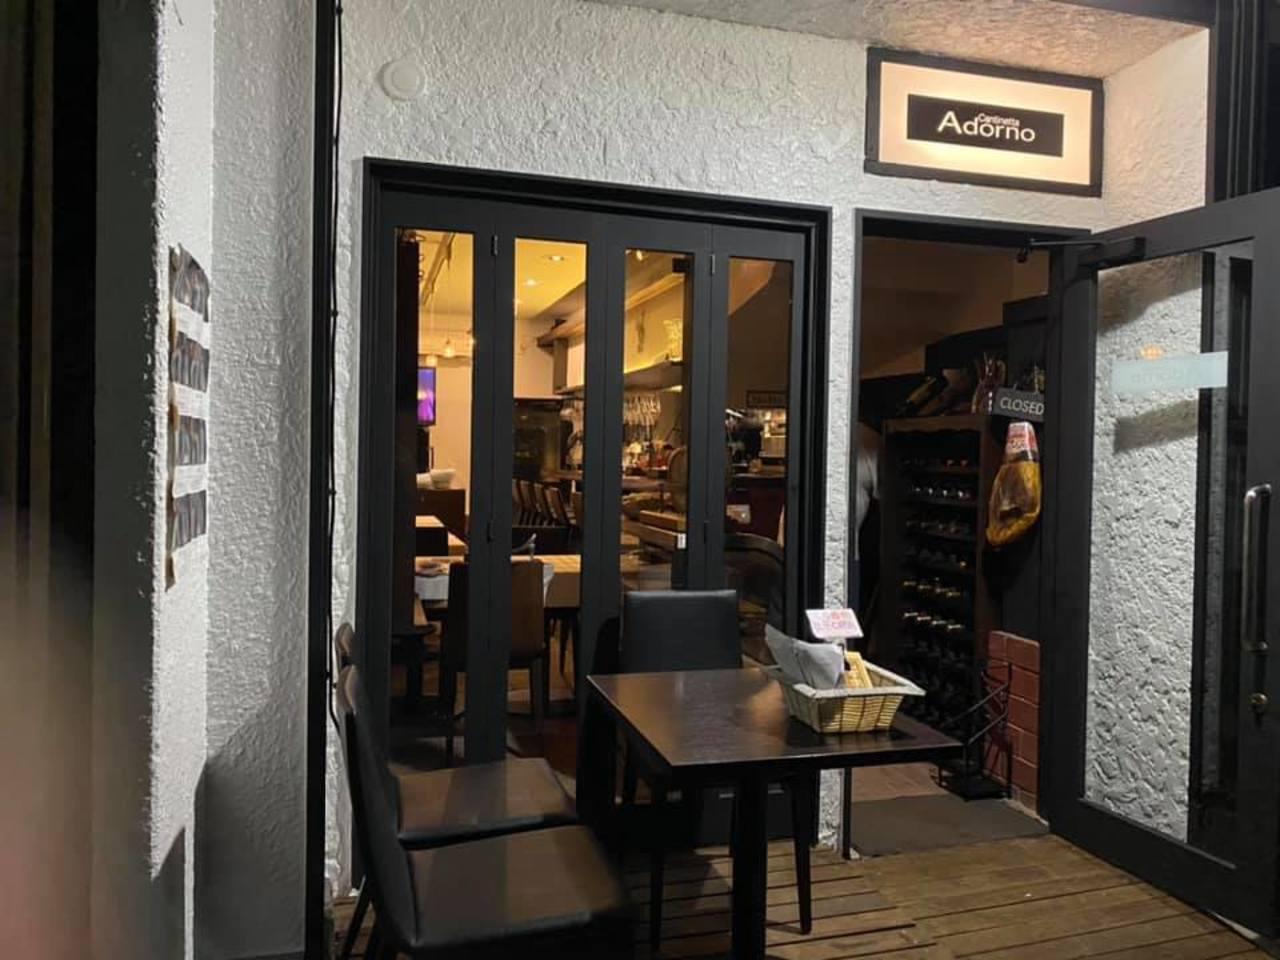 小さなワイン蔵となって復活...静岡市葵区鷹匠2丁目に「カンティネッタアドルノ」6/8移転オープン